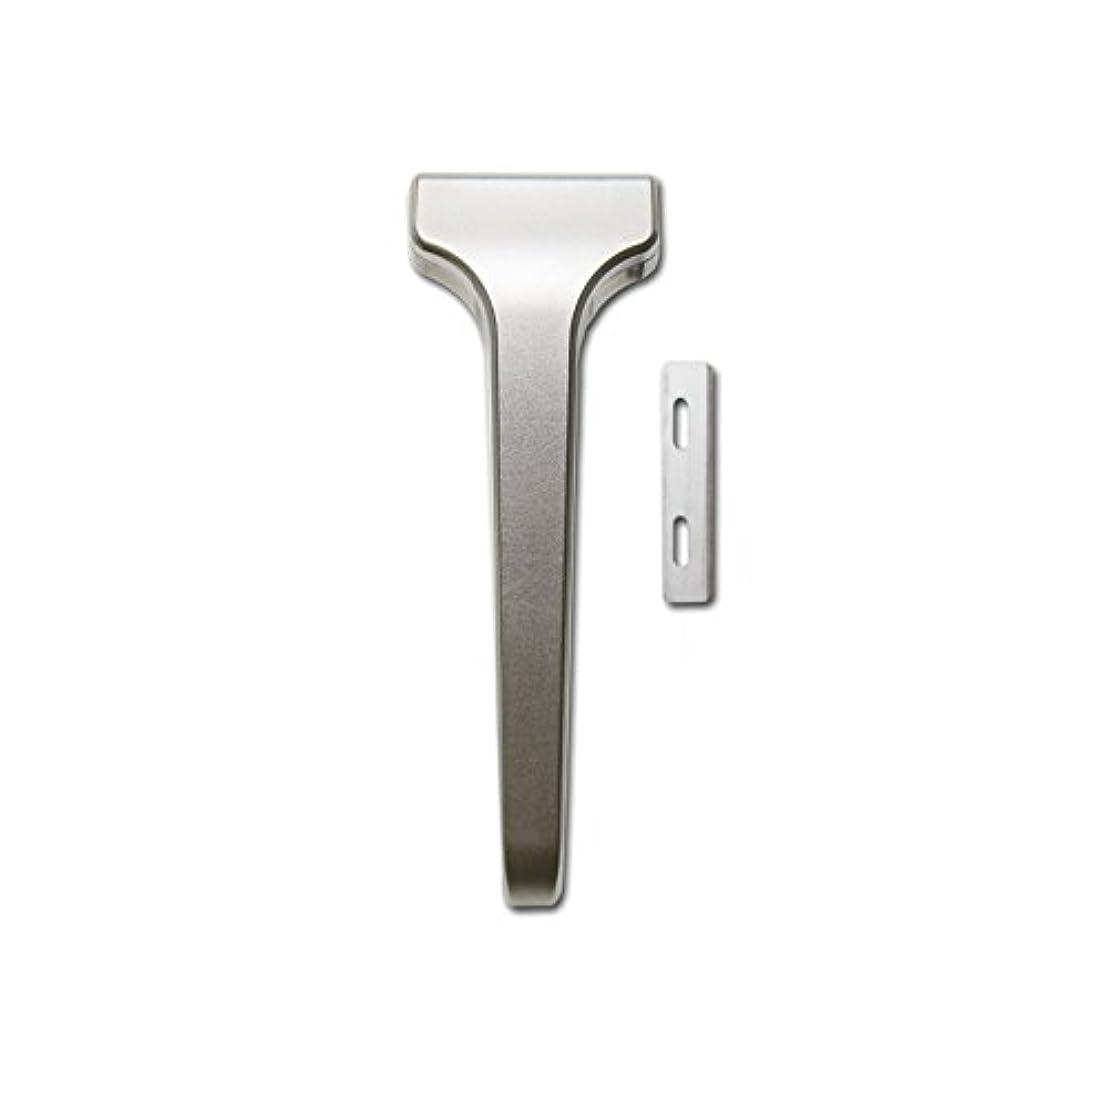 認める公平効能あるSUPPLY The Single Edge 2.0 片刃カミソリ 剃刀 インジェクター刃互換 (クラシックマット, 本体+替刃 20枚付)